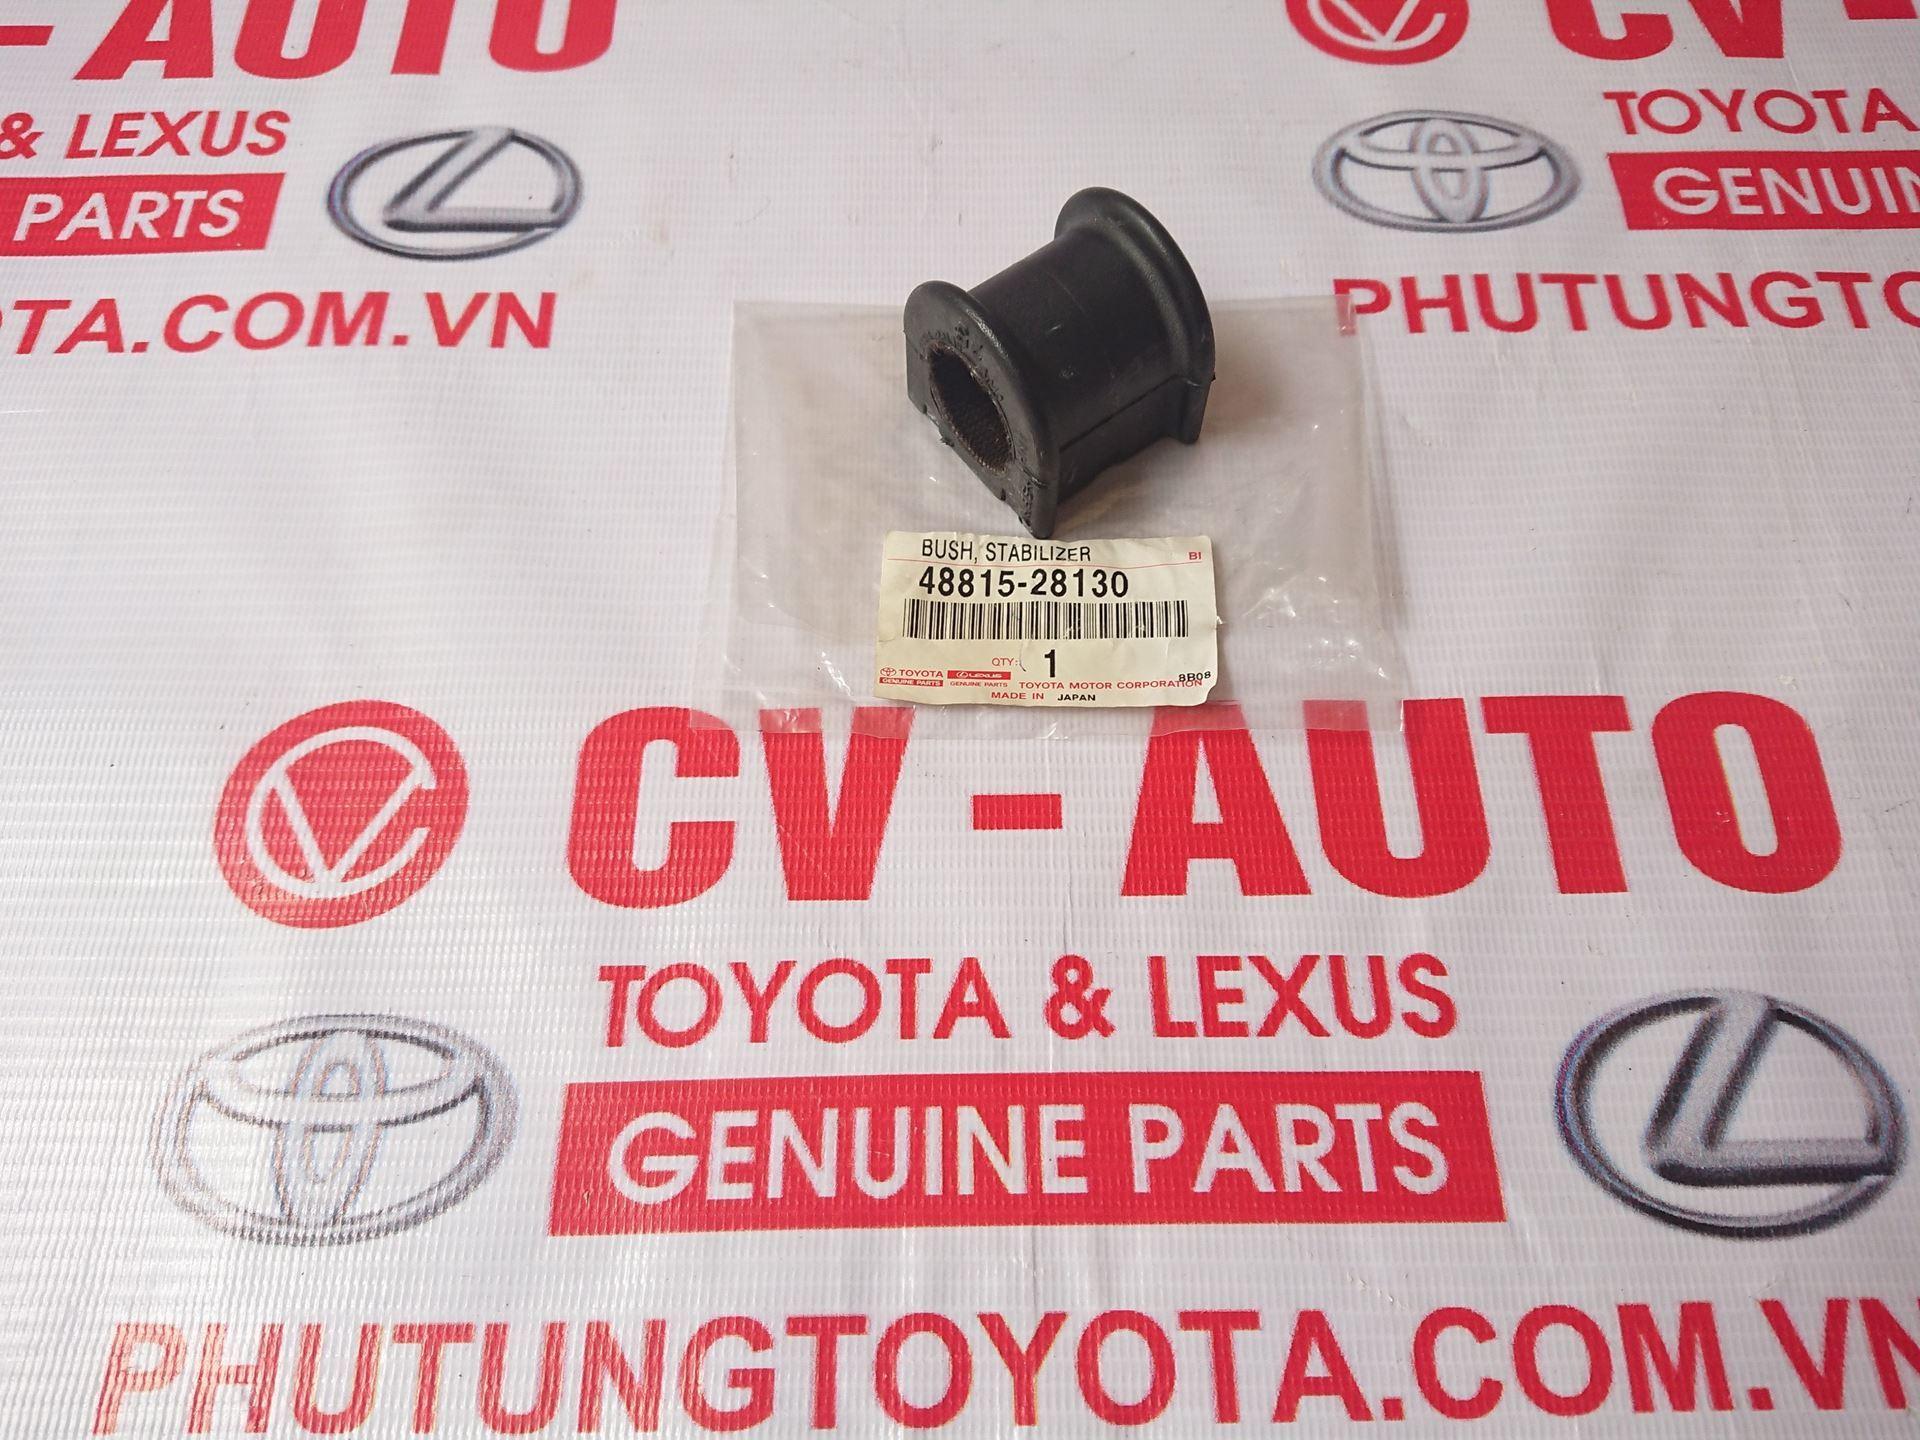 Picture of 48815-28130 Cao su cân bằng trước Toyota Venza AGV10, Lexus ES350 chính hãng